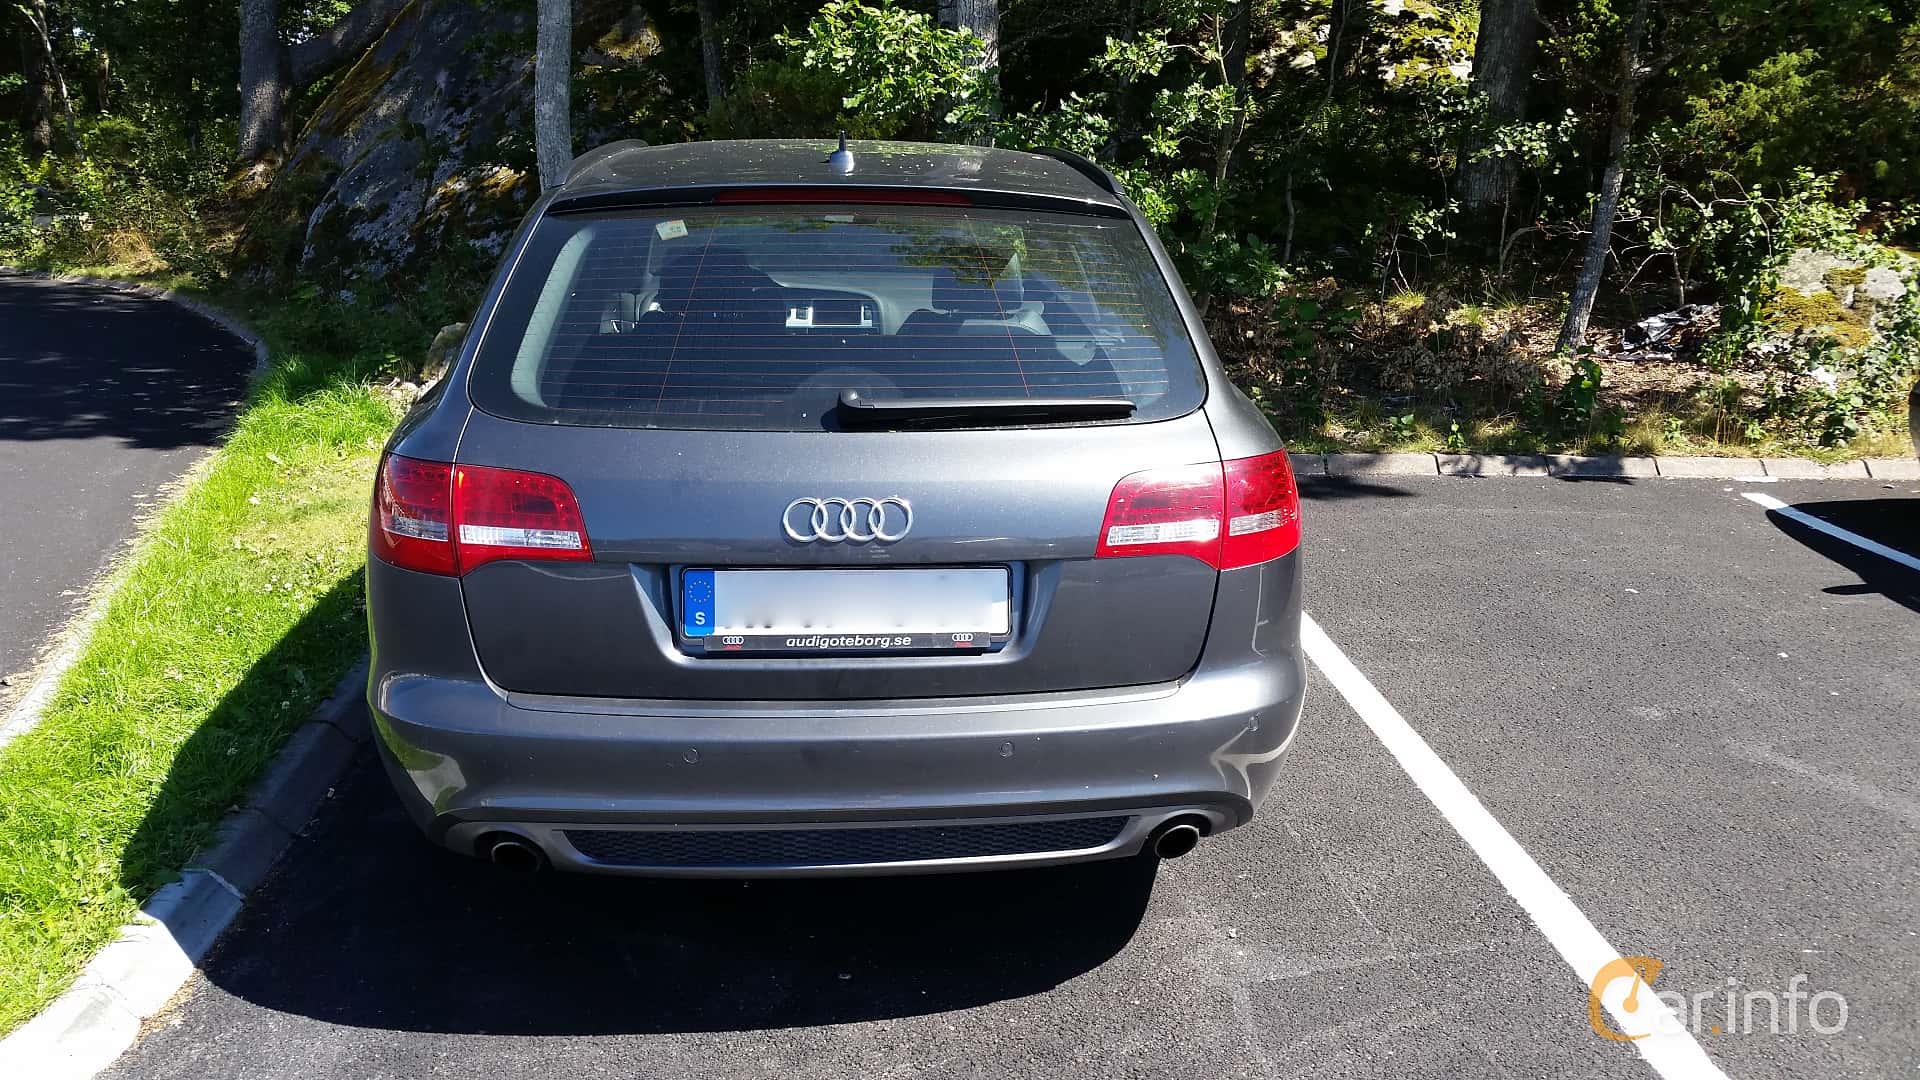 Kelebihan Kekurangan Audi A6 Avant 3.0 Spesifikasi